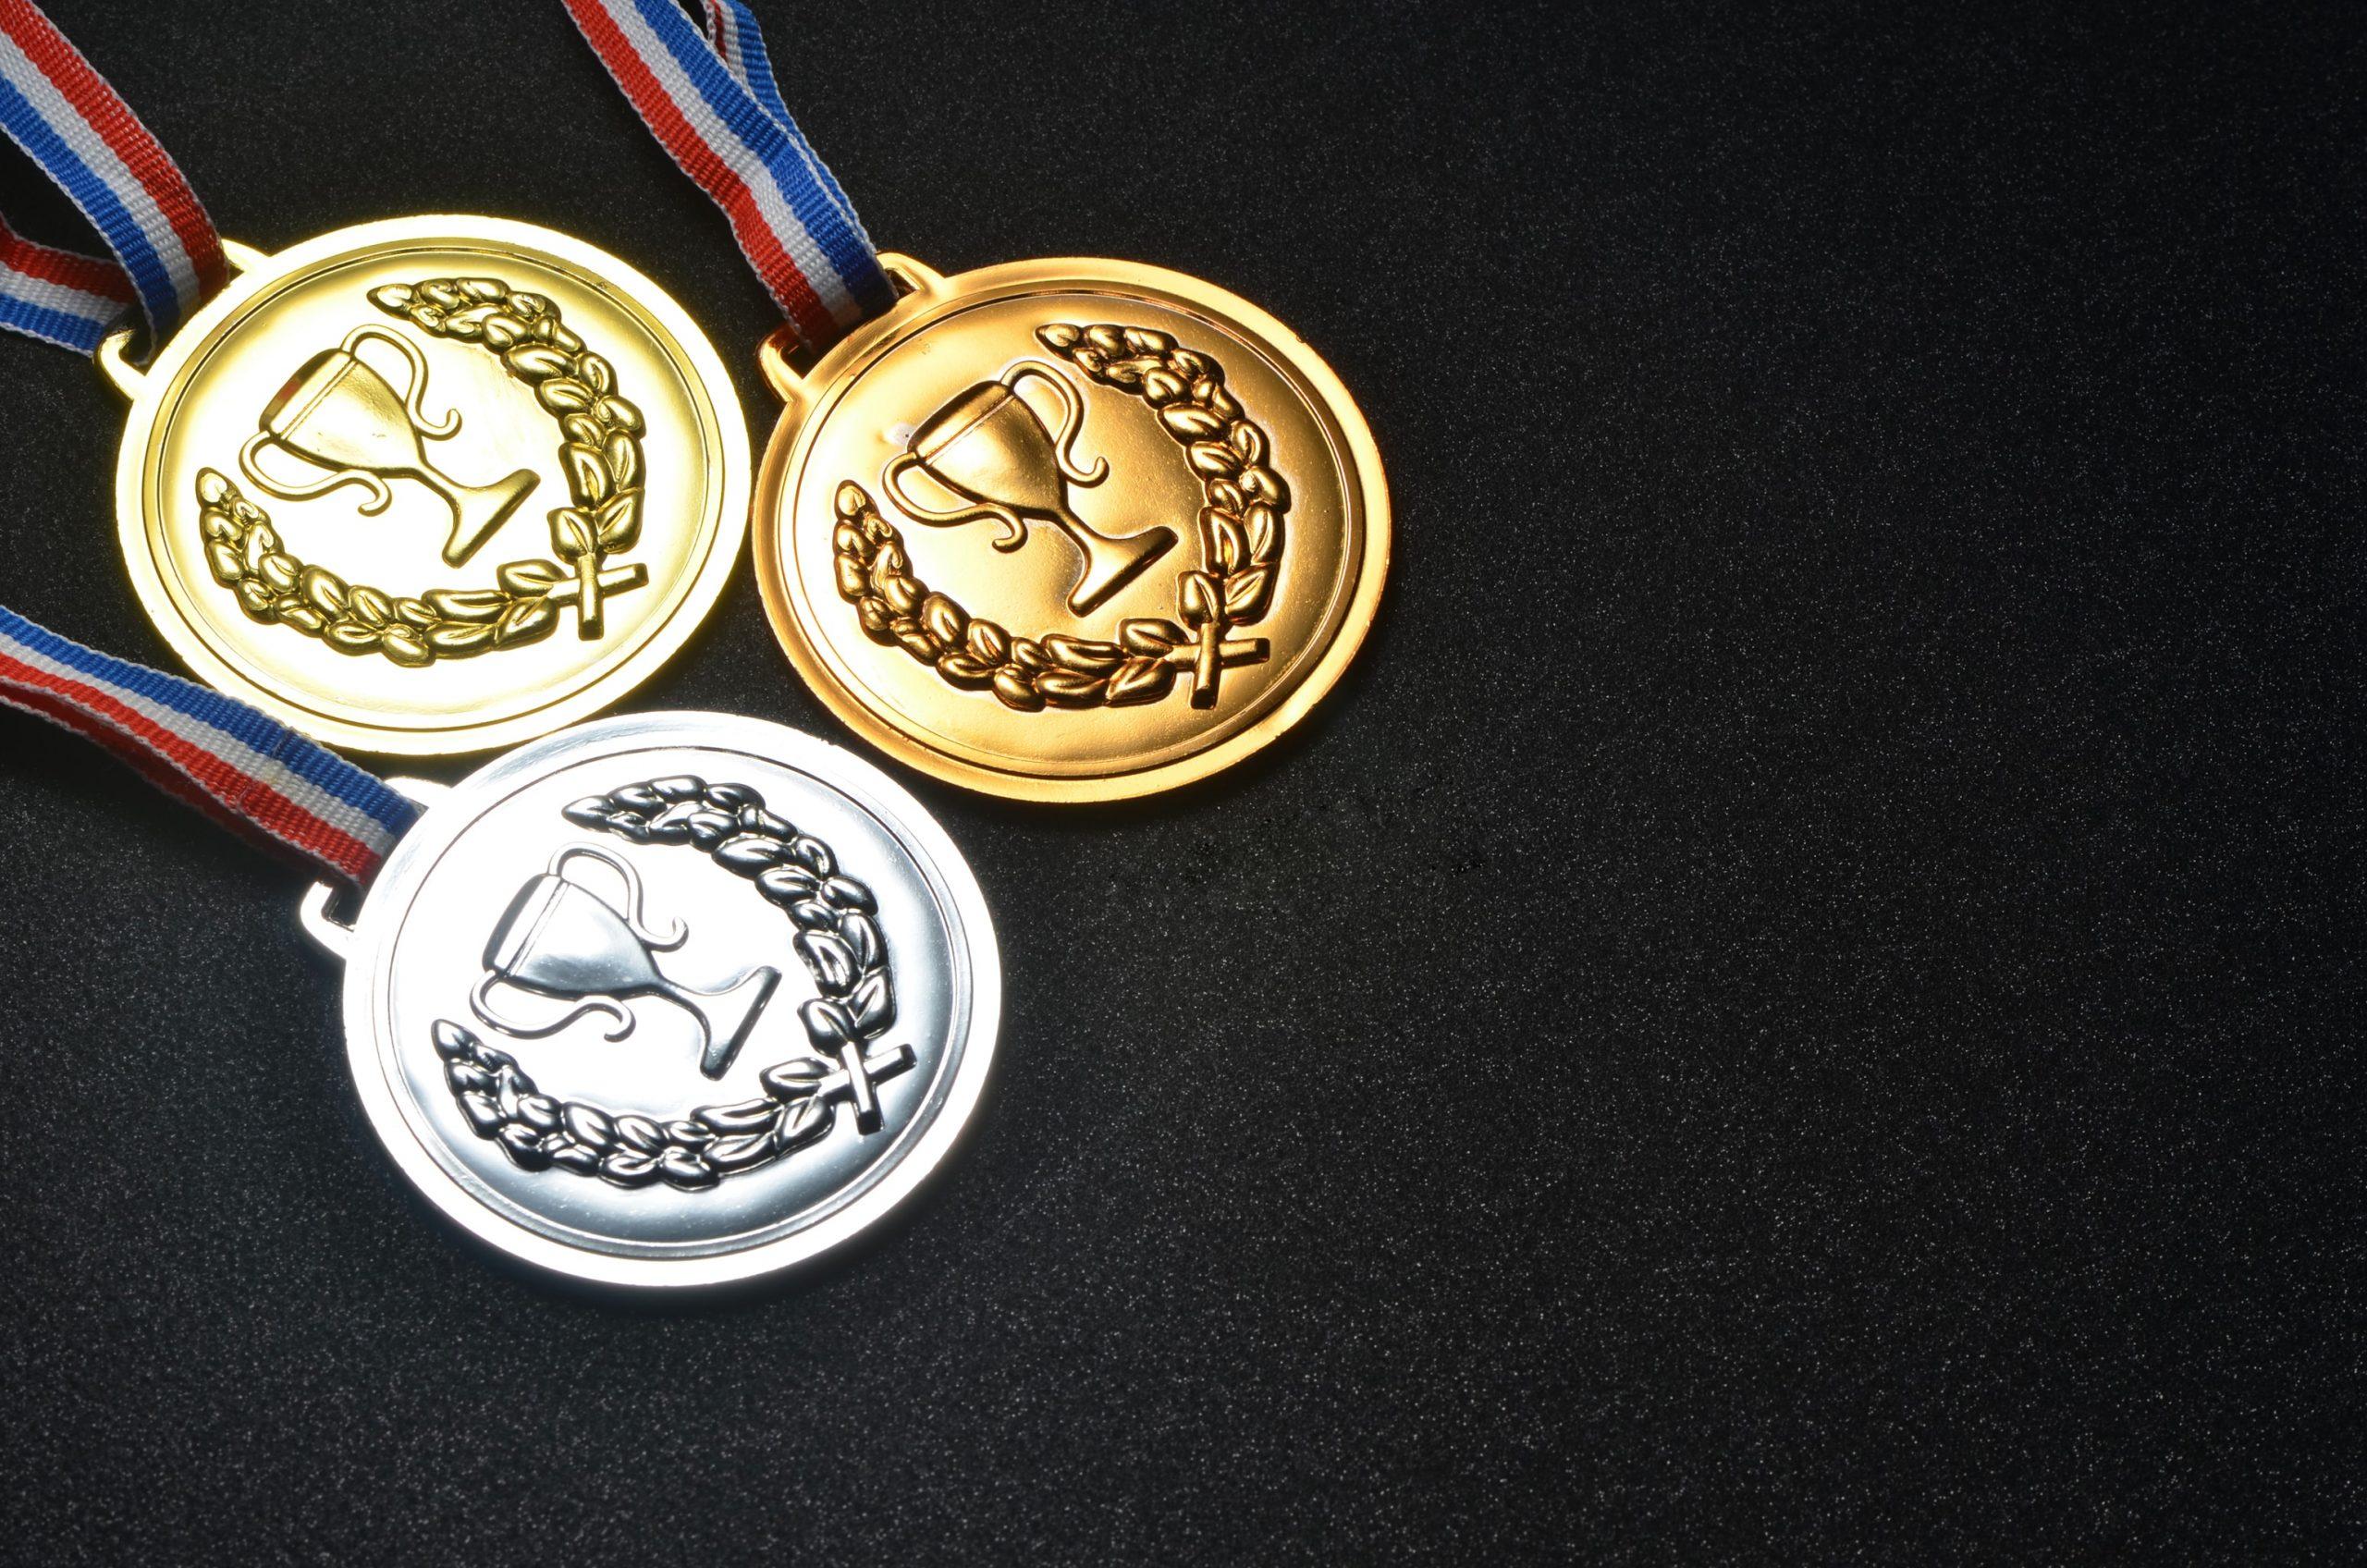 Medaillen auf schwarzem Hintergrund